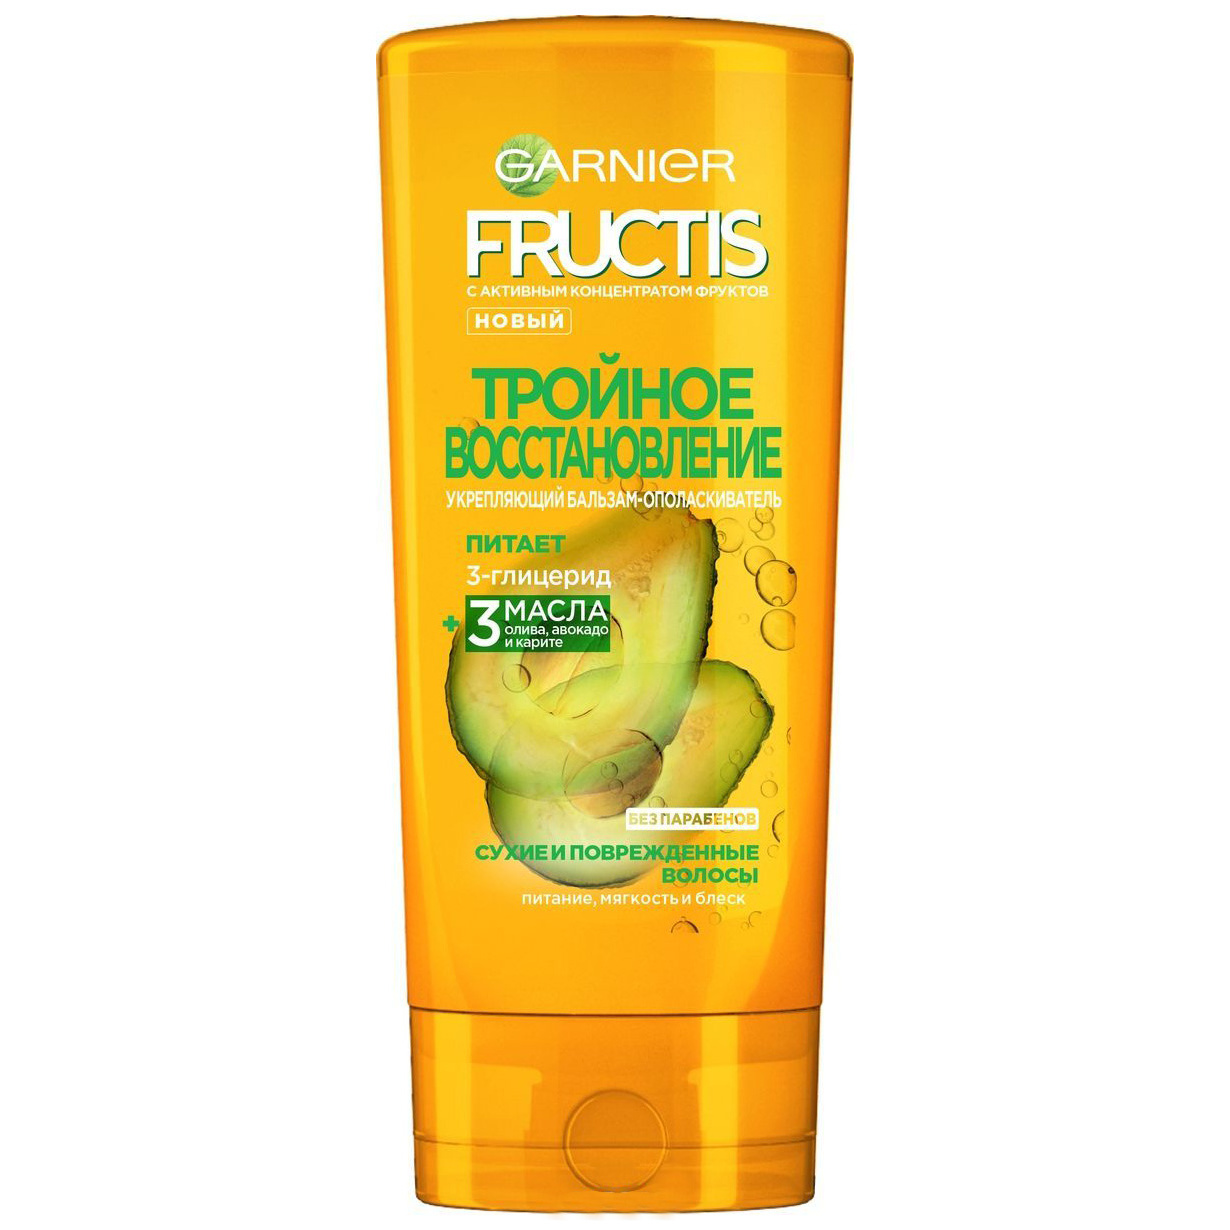 Купить Бальзам для волос Garnier Fructis Тройное восстановление 400 мл